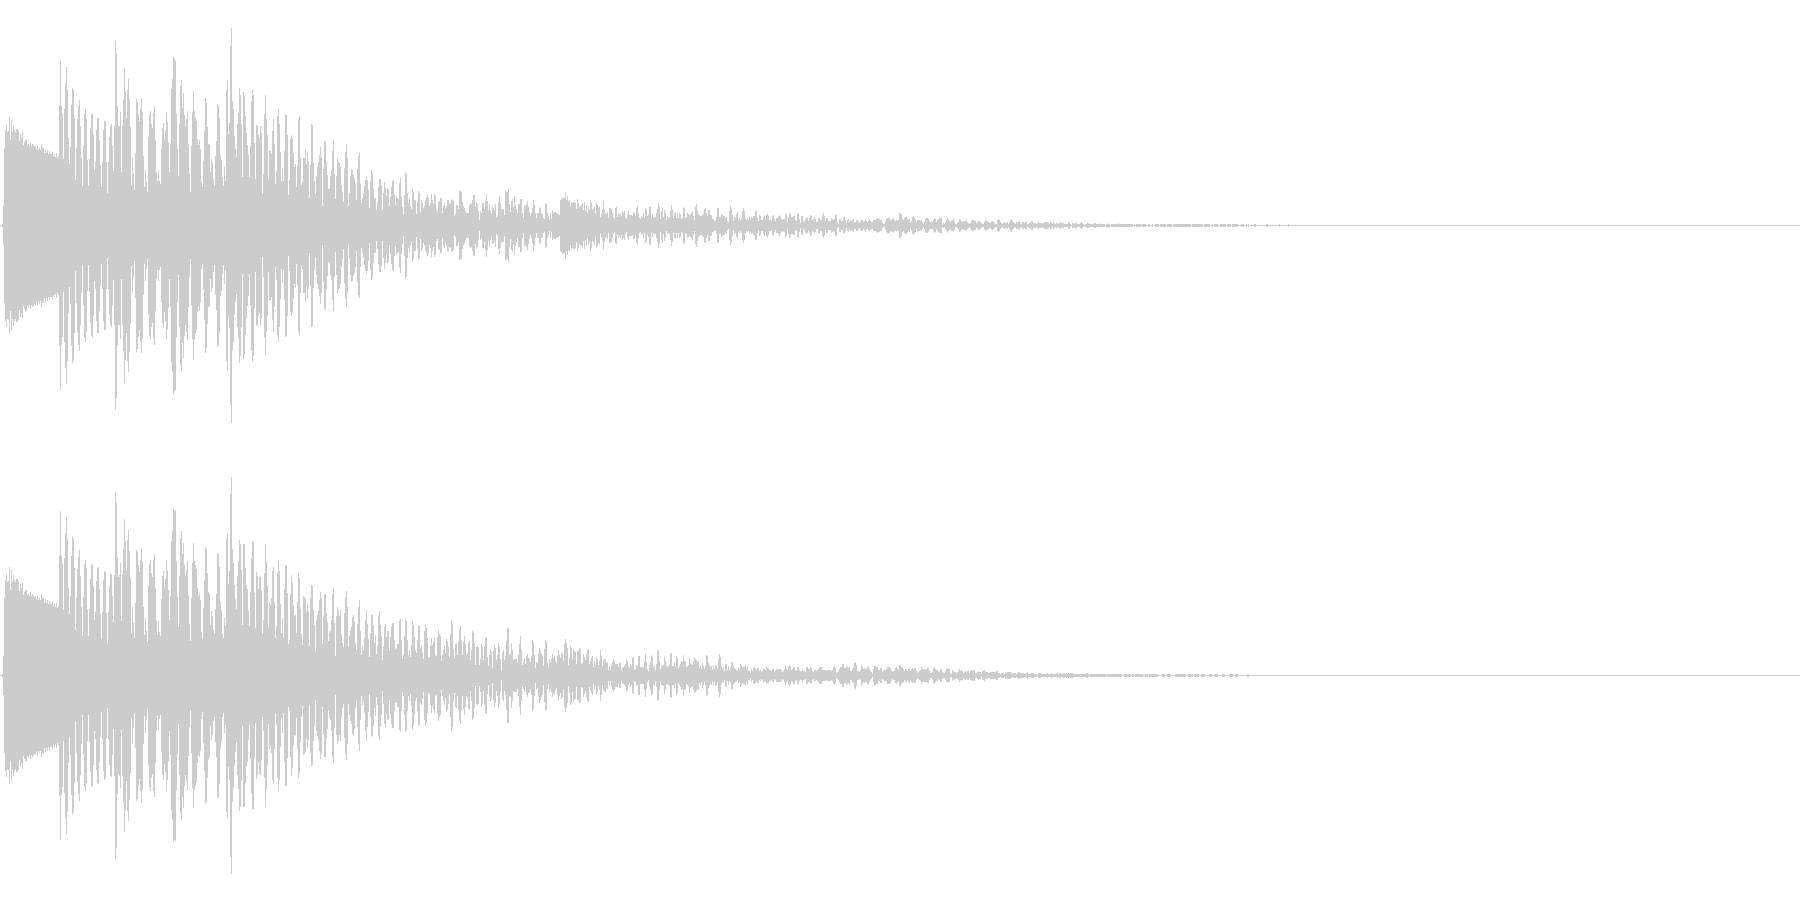 木琴(マリンバ、カリンバ)のような音で…の未再生の波形